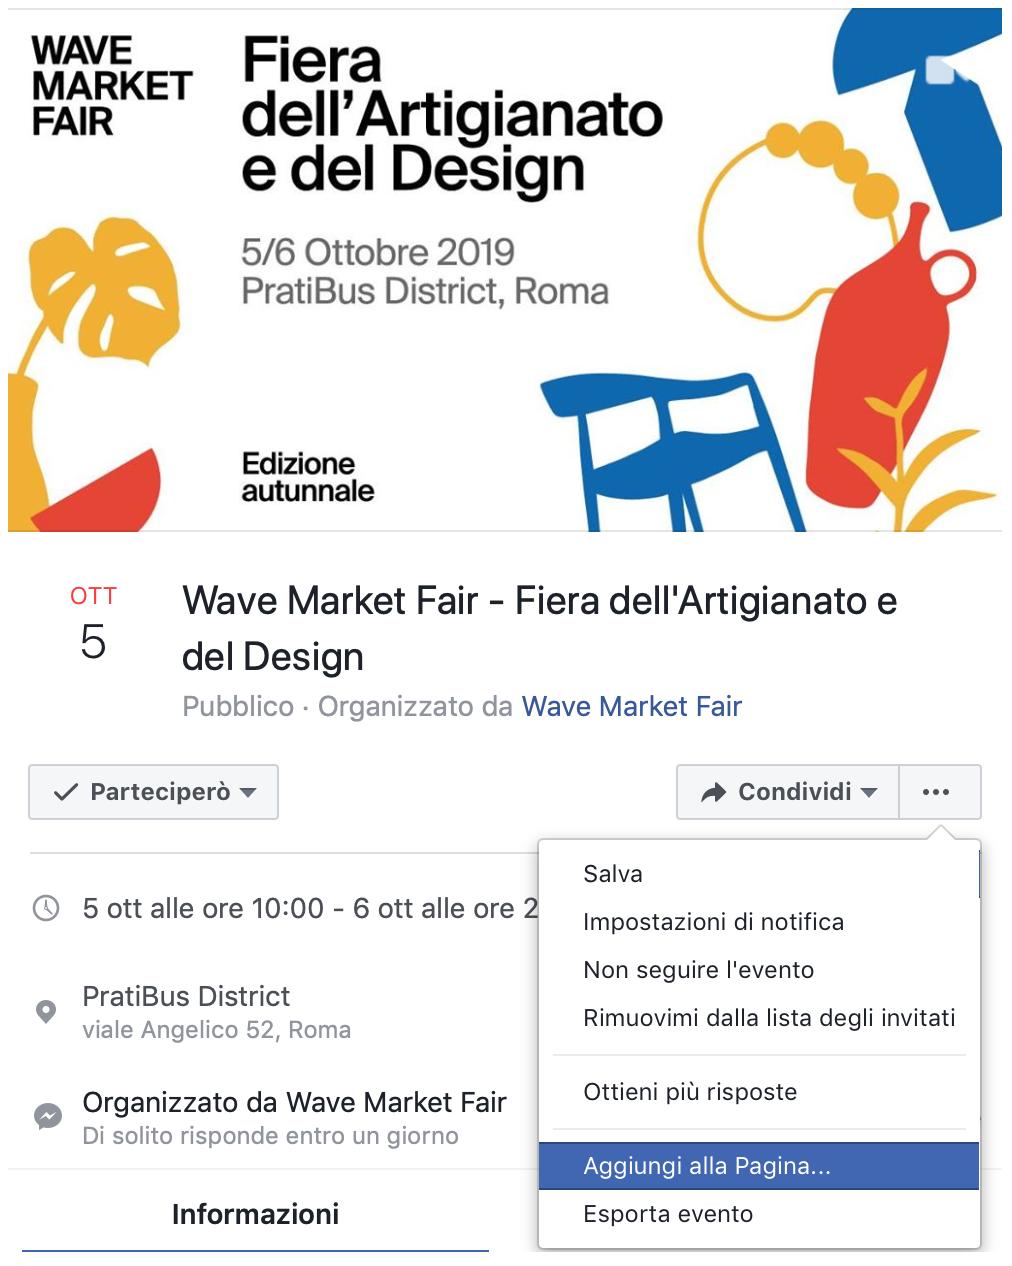 wavemarketfair